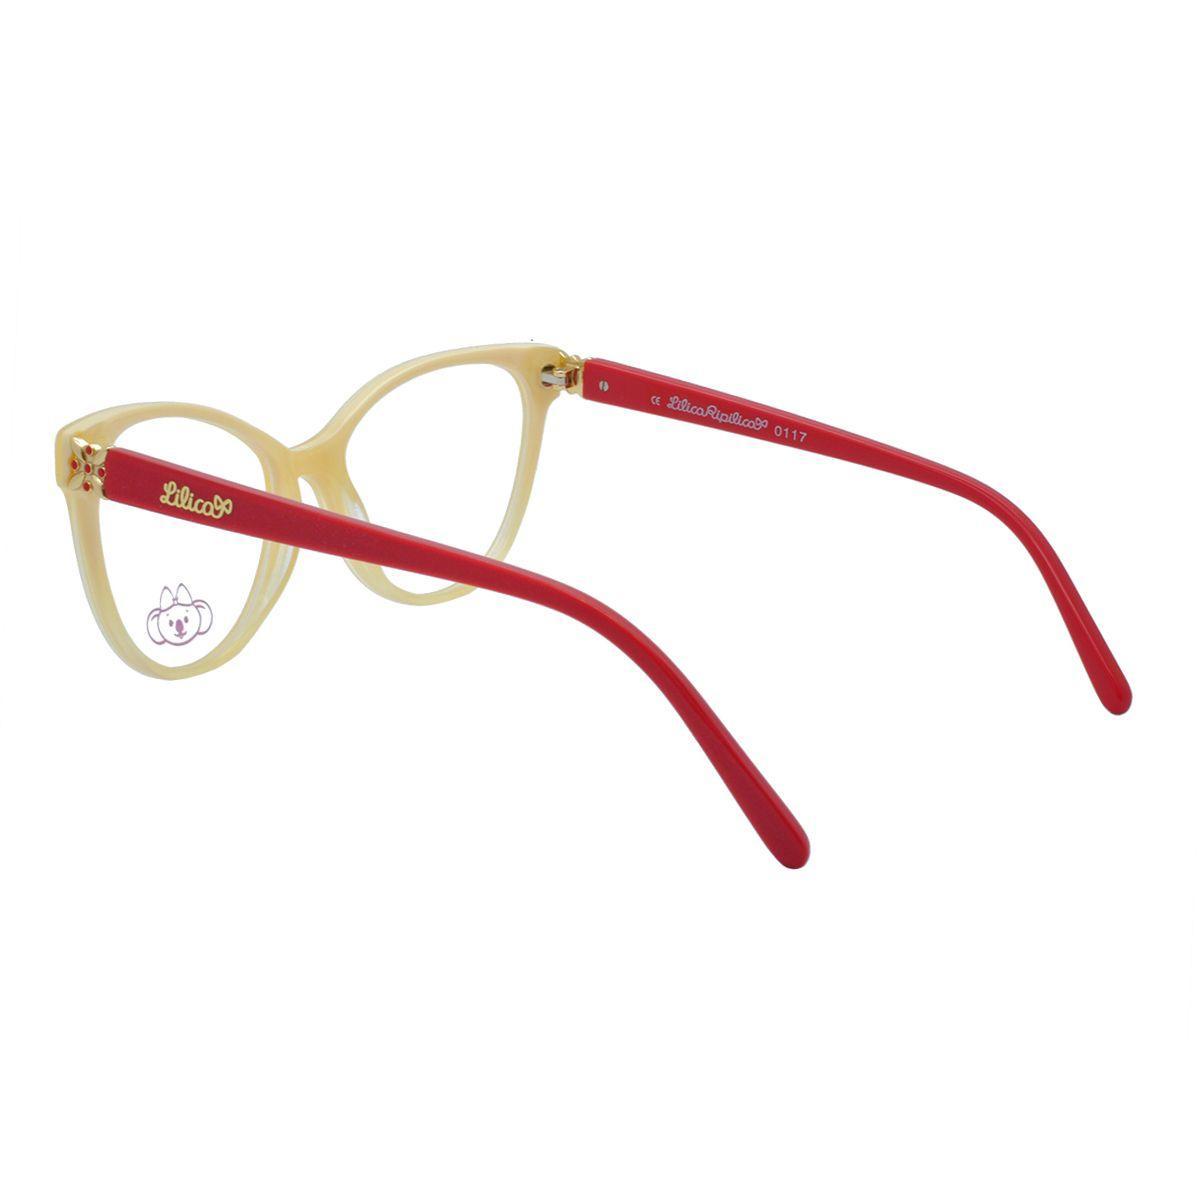 136004a59c2da Óculos de Grau Infantil Lilica Ripilica Feminino VLR083 C3 - Acetato Bege e  Vermelho R  268,00 à vista. Adicionar à sacola